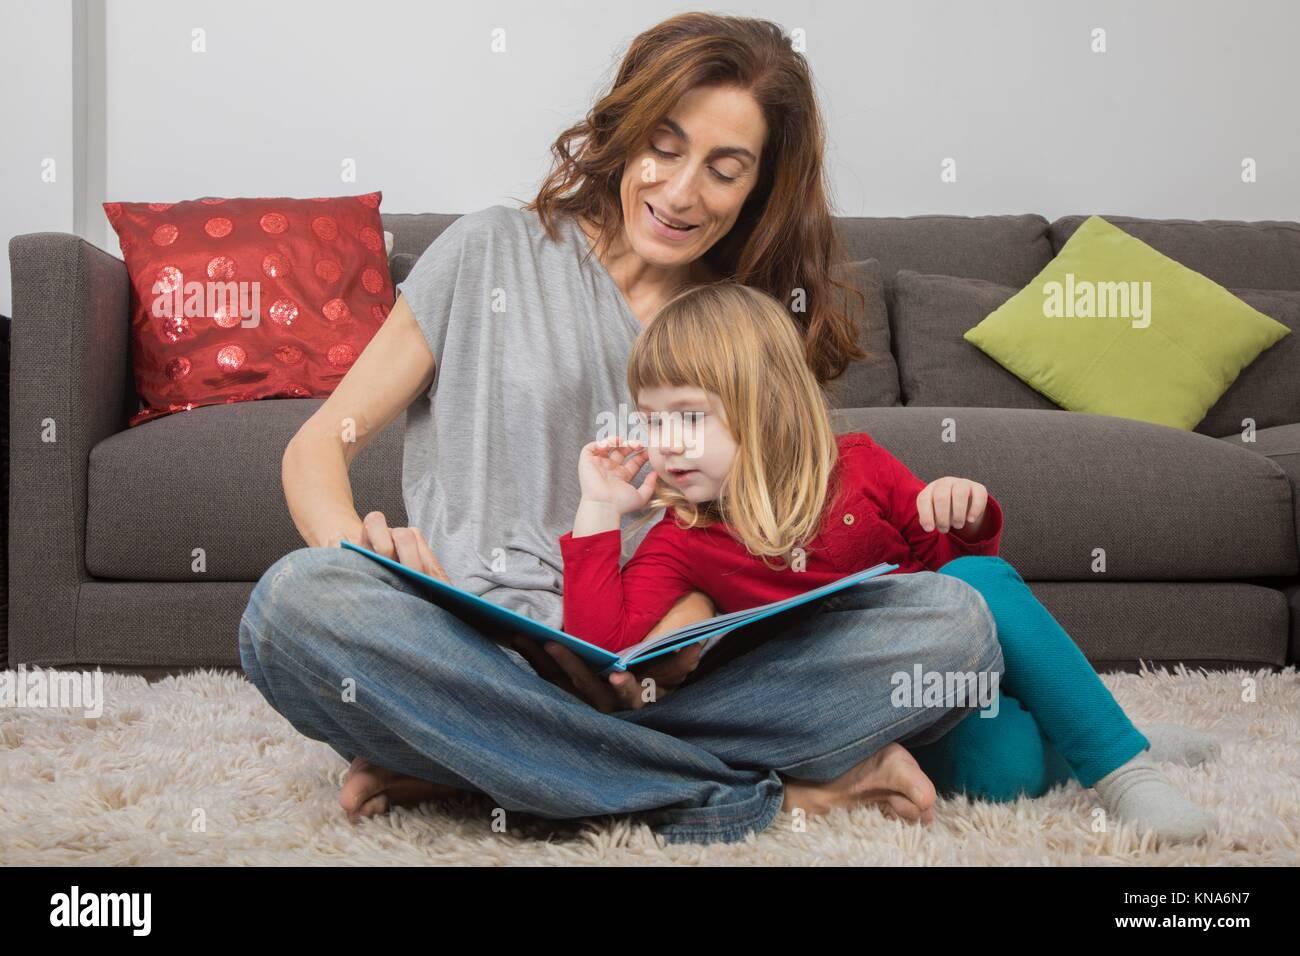 Bambino biondo di tre anni, con il rosso e il verde vestiti, poggiando su madre donna in jeans, leggere insieme Immagini Stock